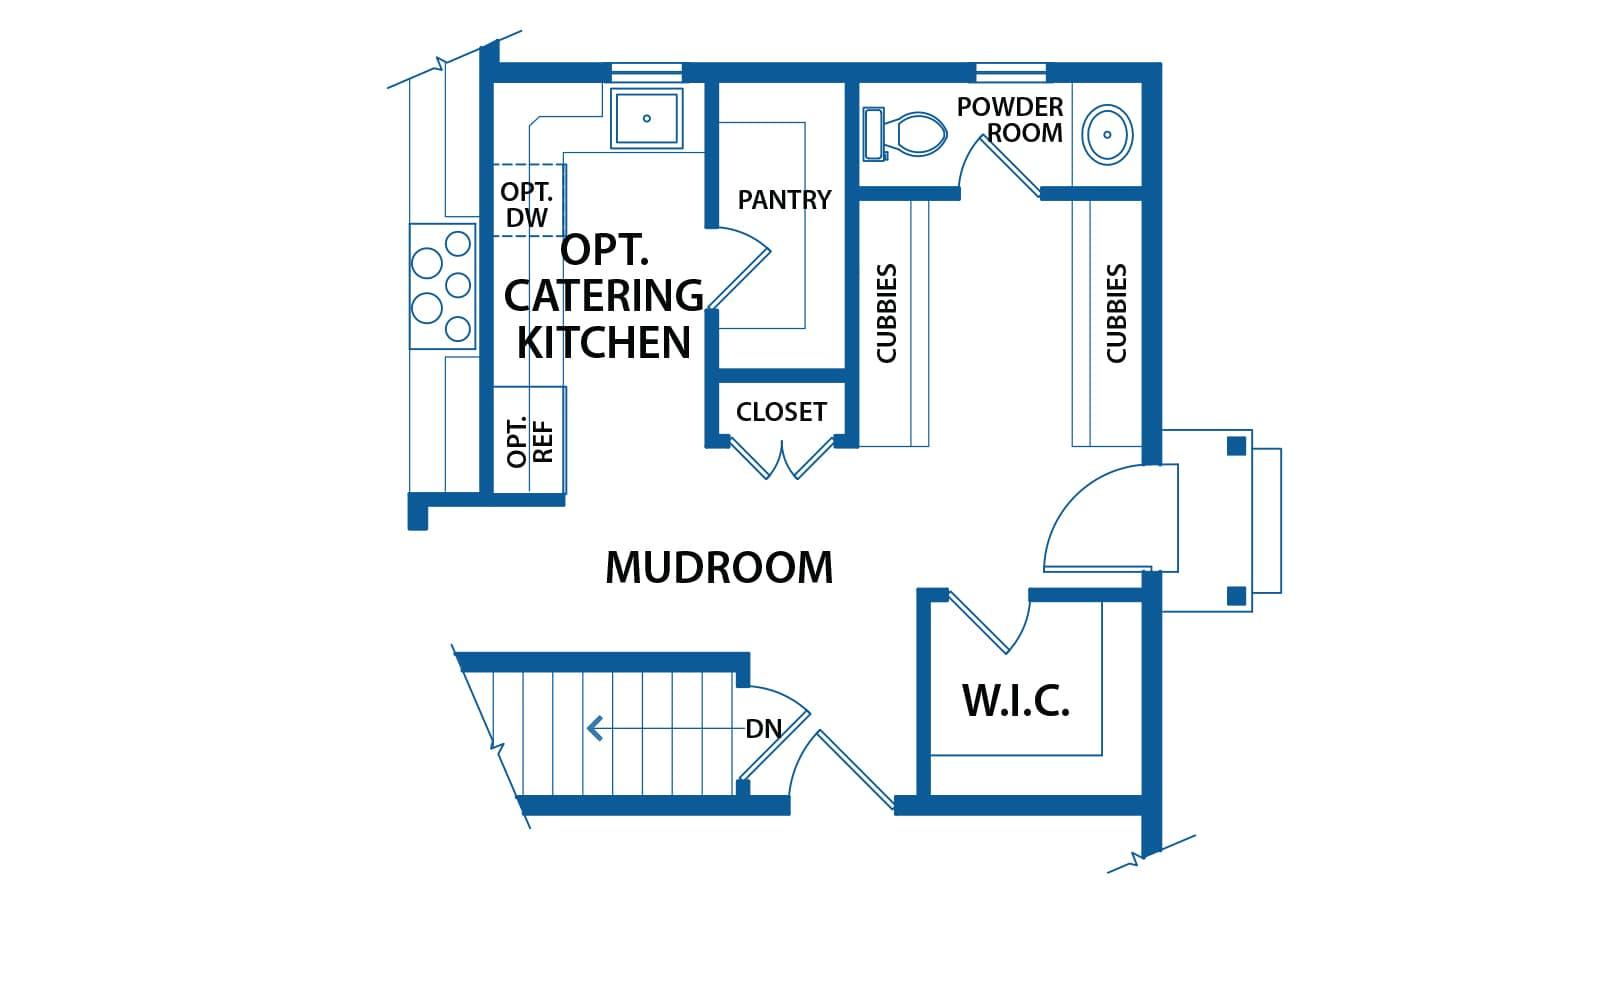 Chandler mudroom option floor plan from Bentley Homes.